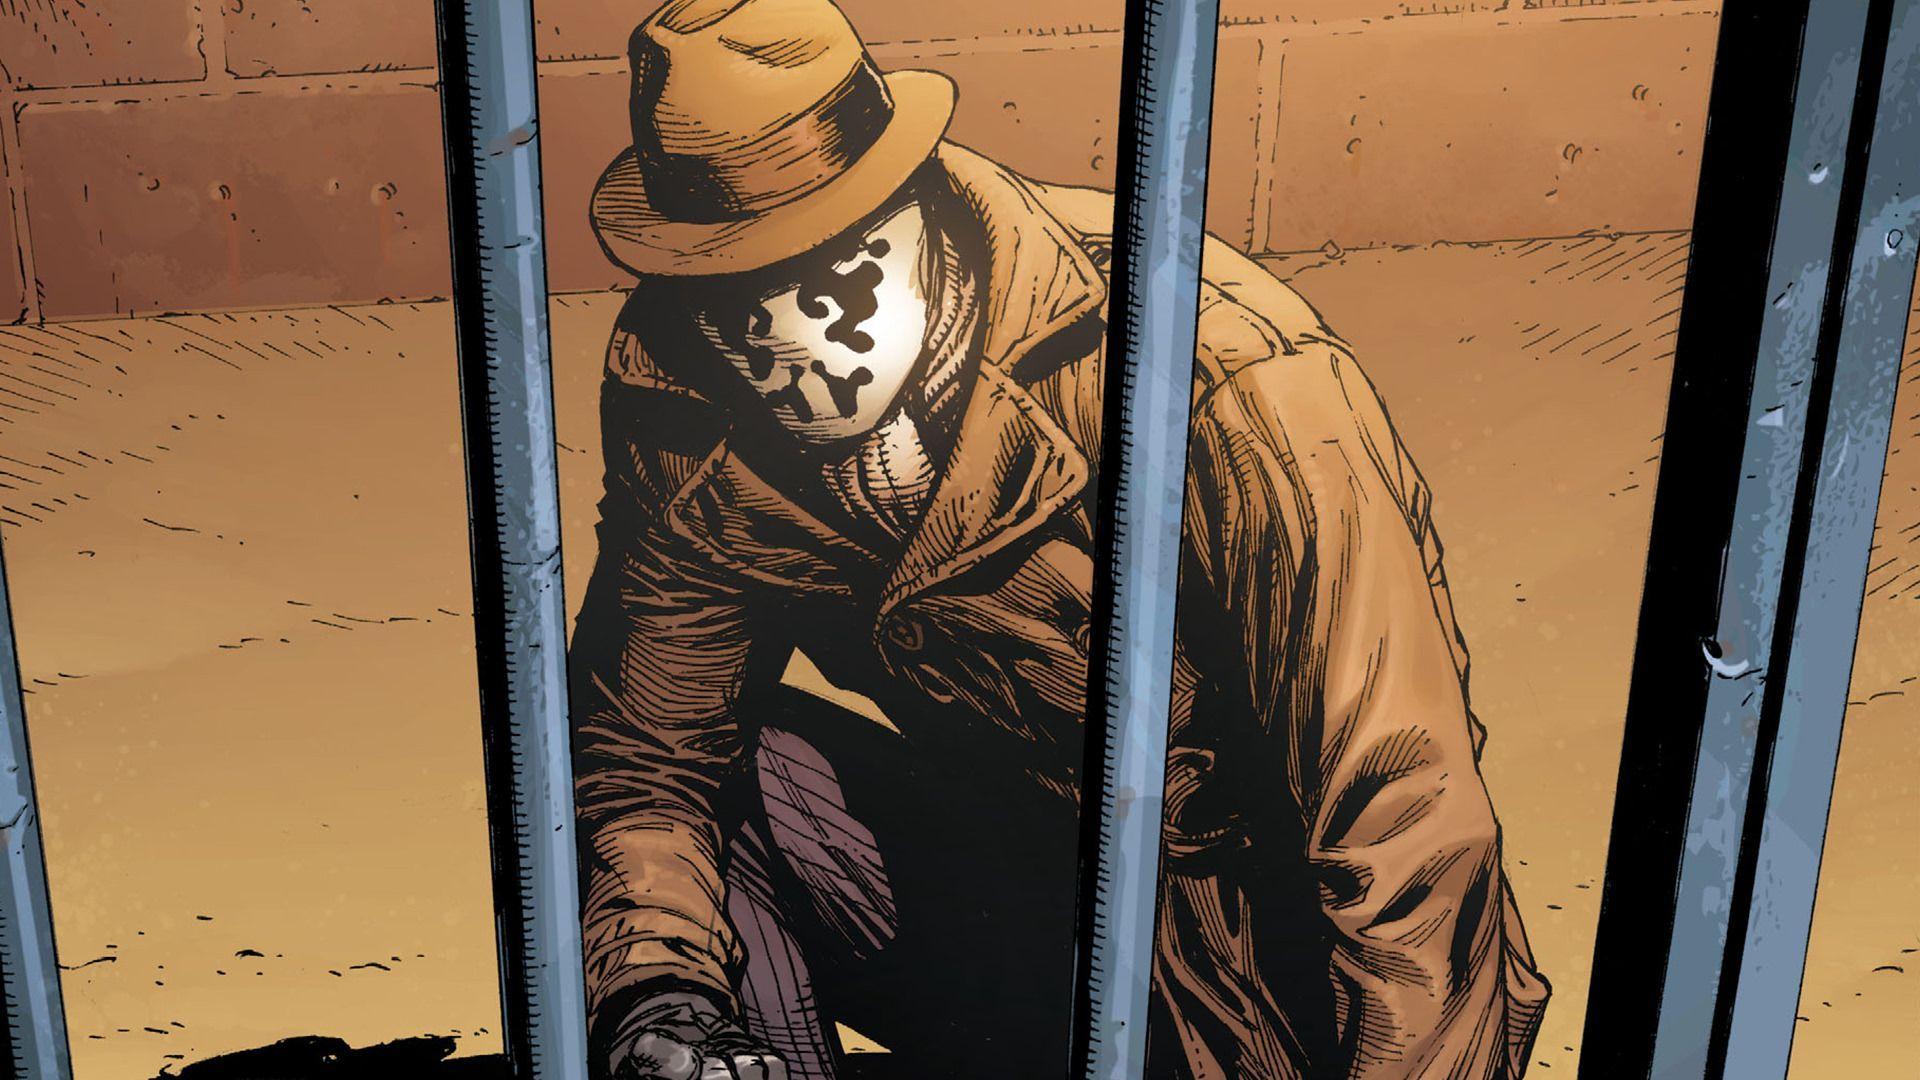 Rorschach jpg picture